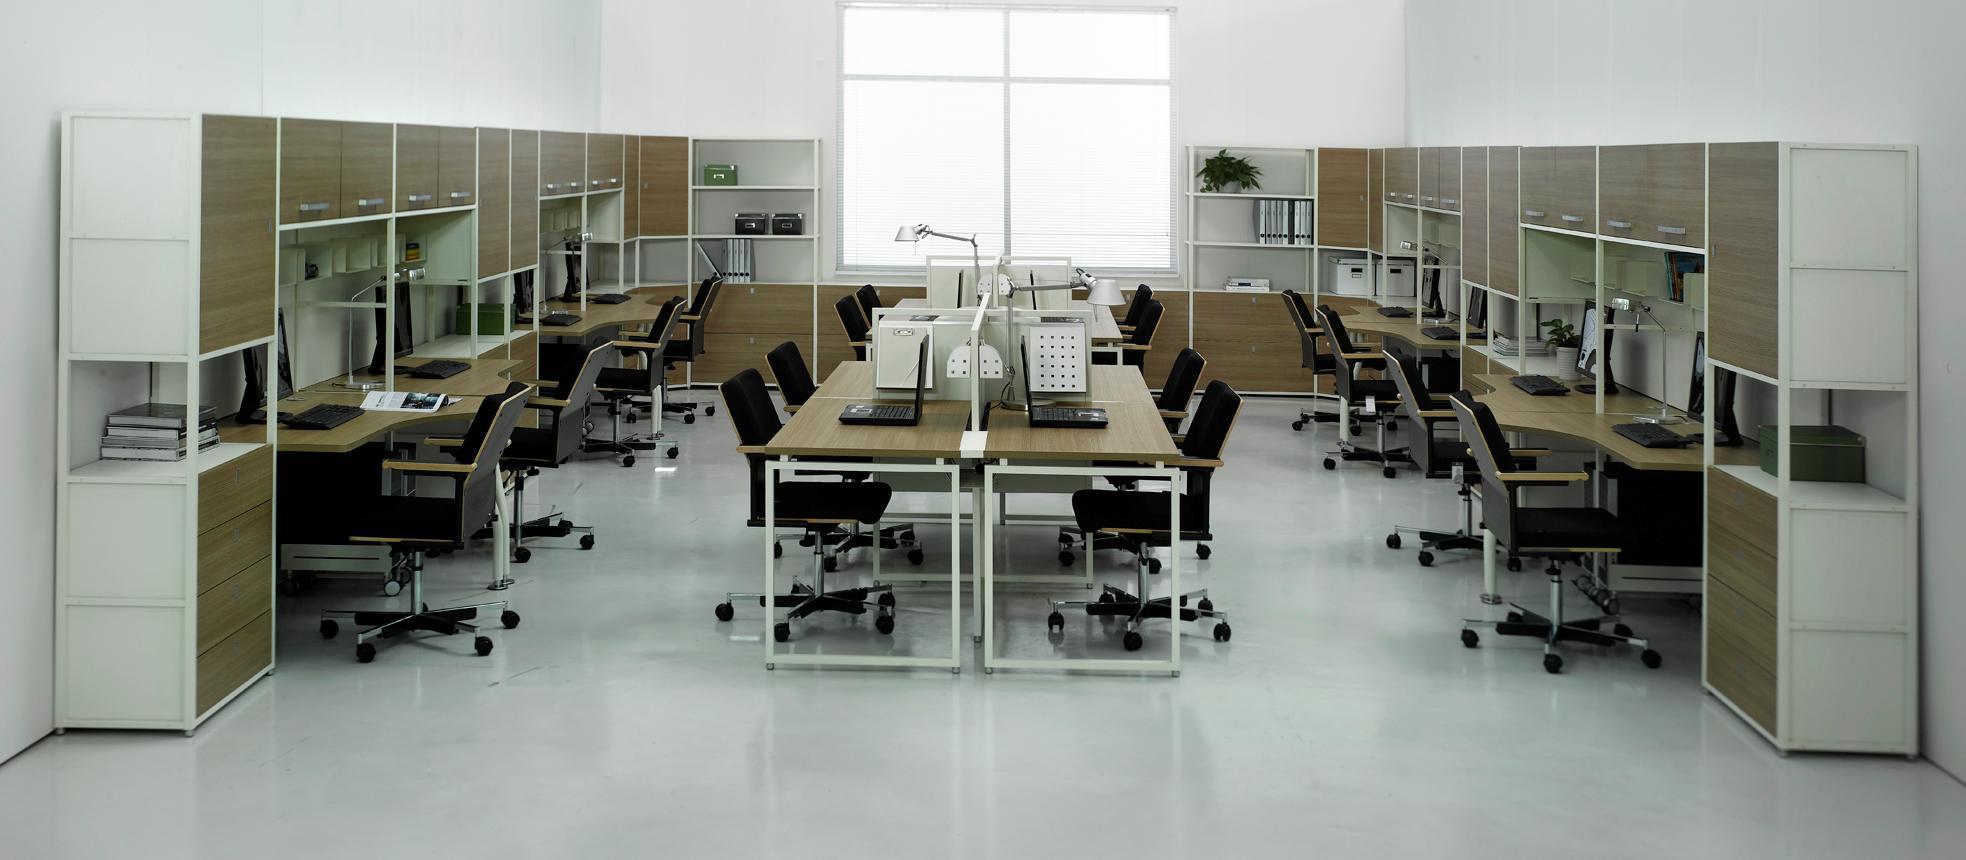 【精华】石家庄办公桌椅优选恒林 排椅应怎么选择